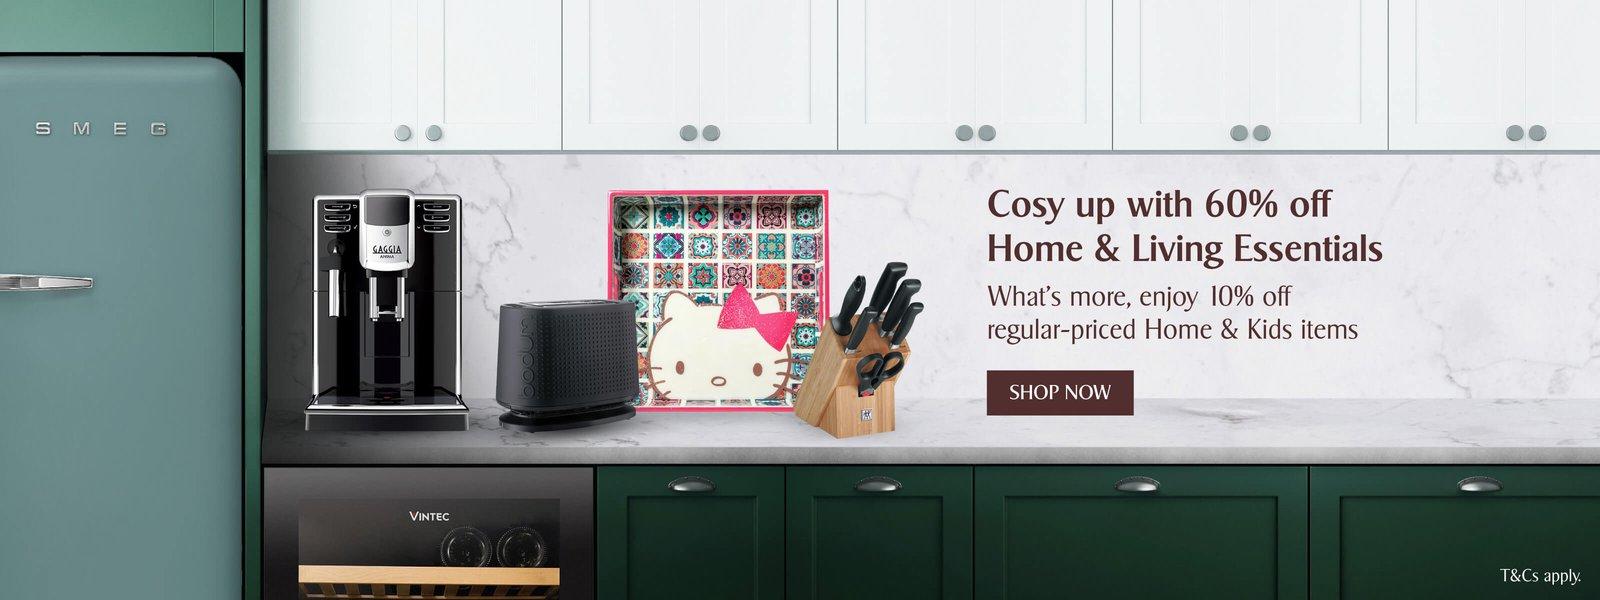 KrisShop Home & Living Essentials Deals